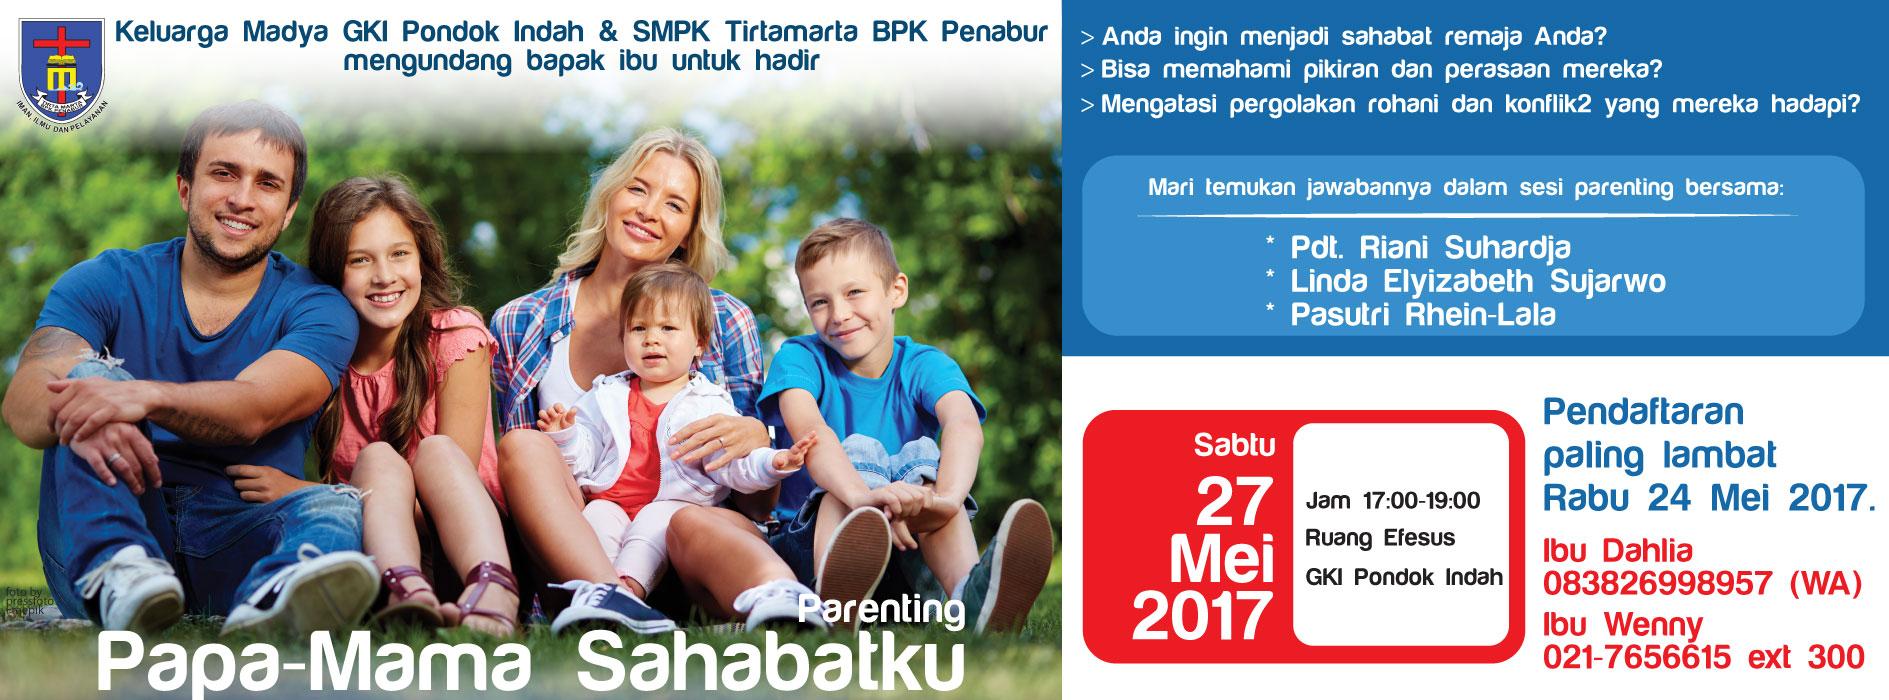 web-banner-parenting-smpk-tm-pi-2017